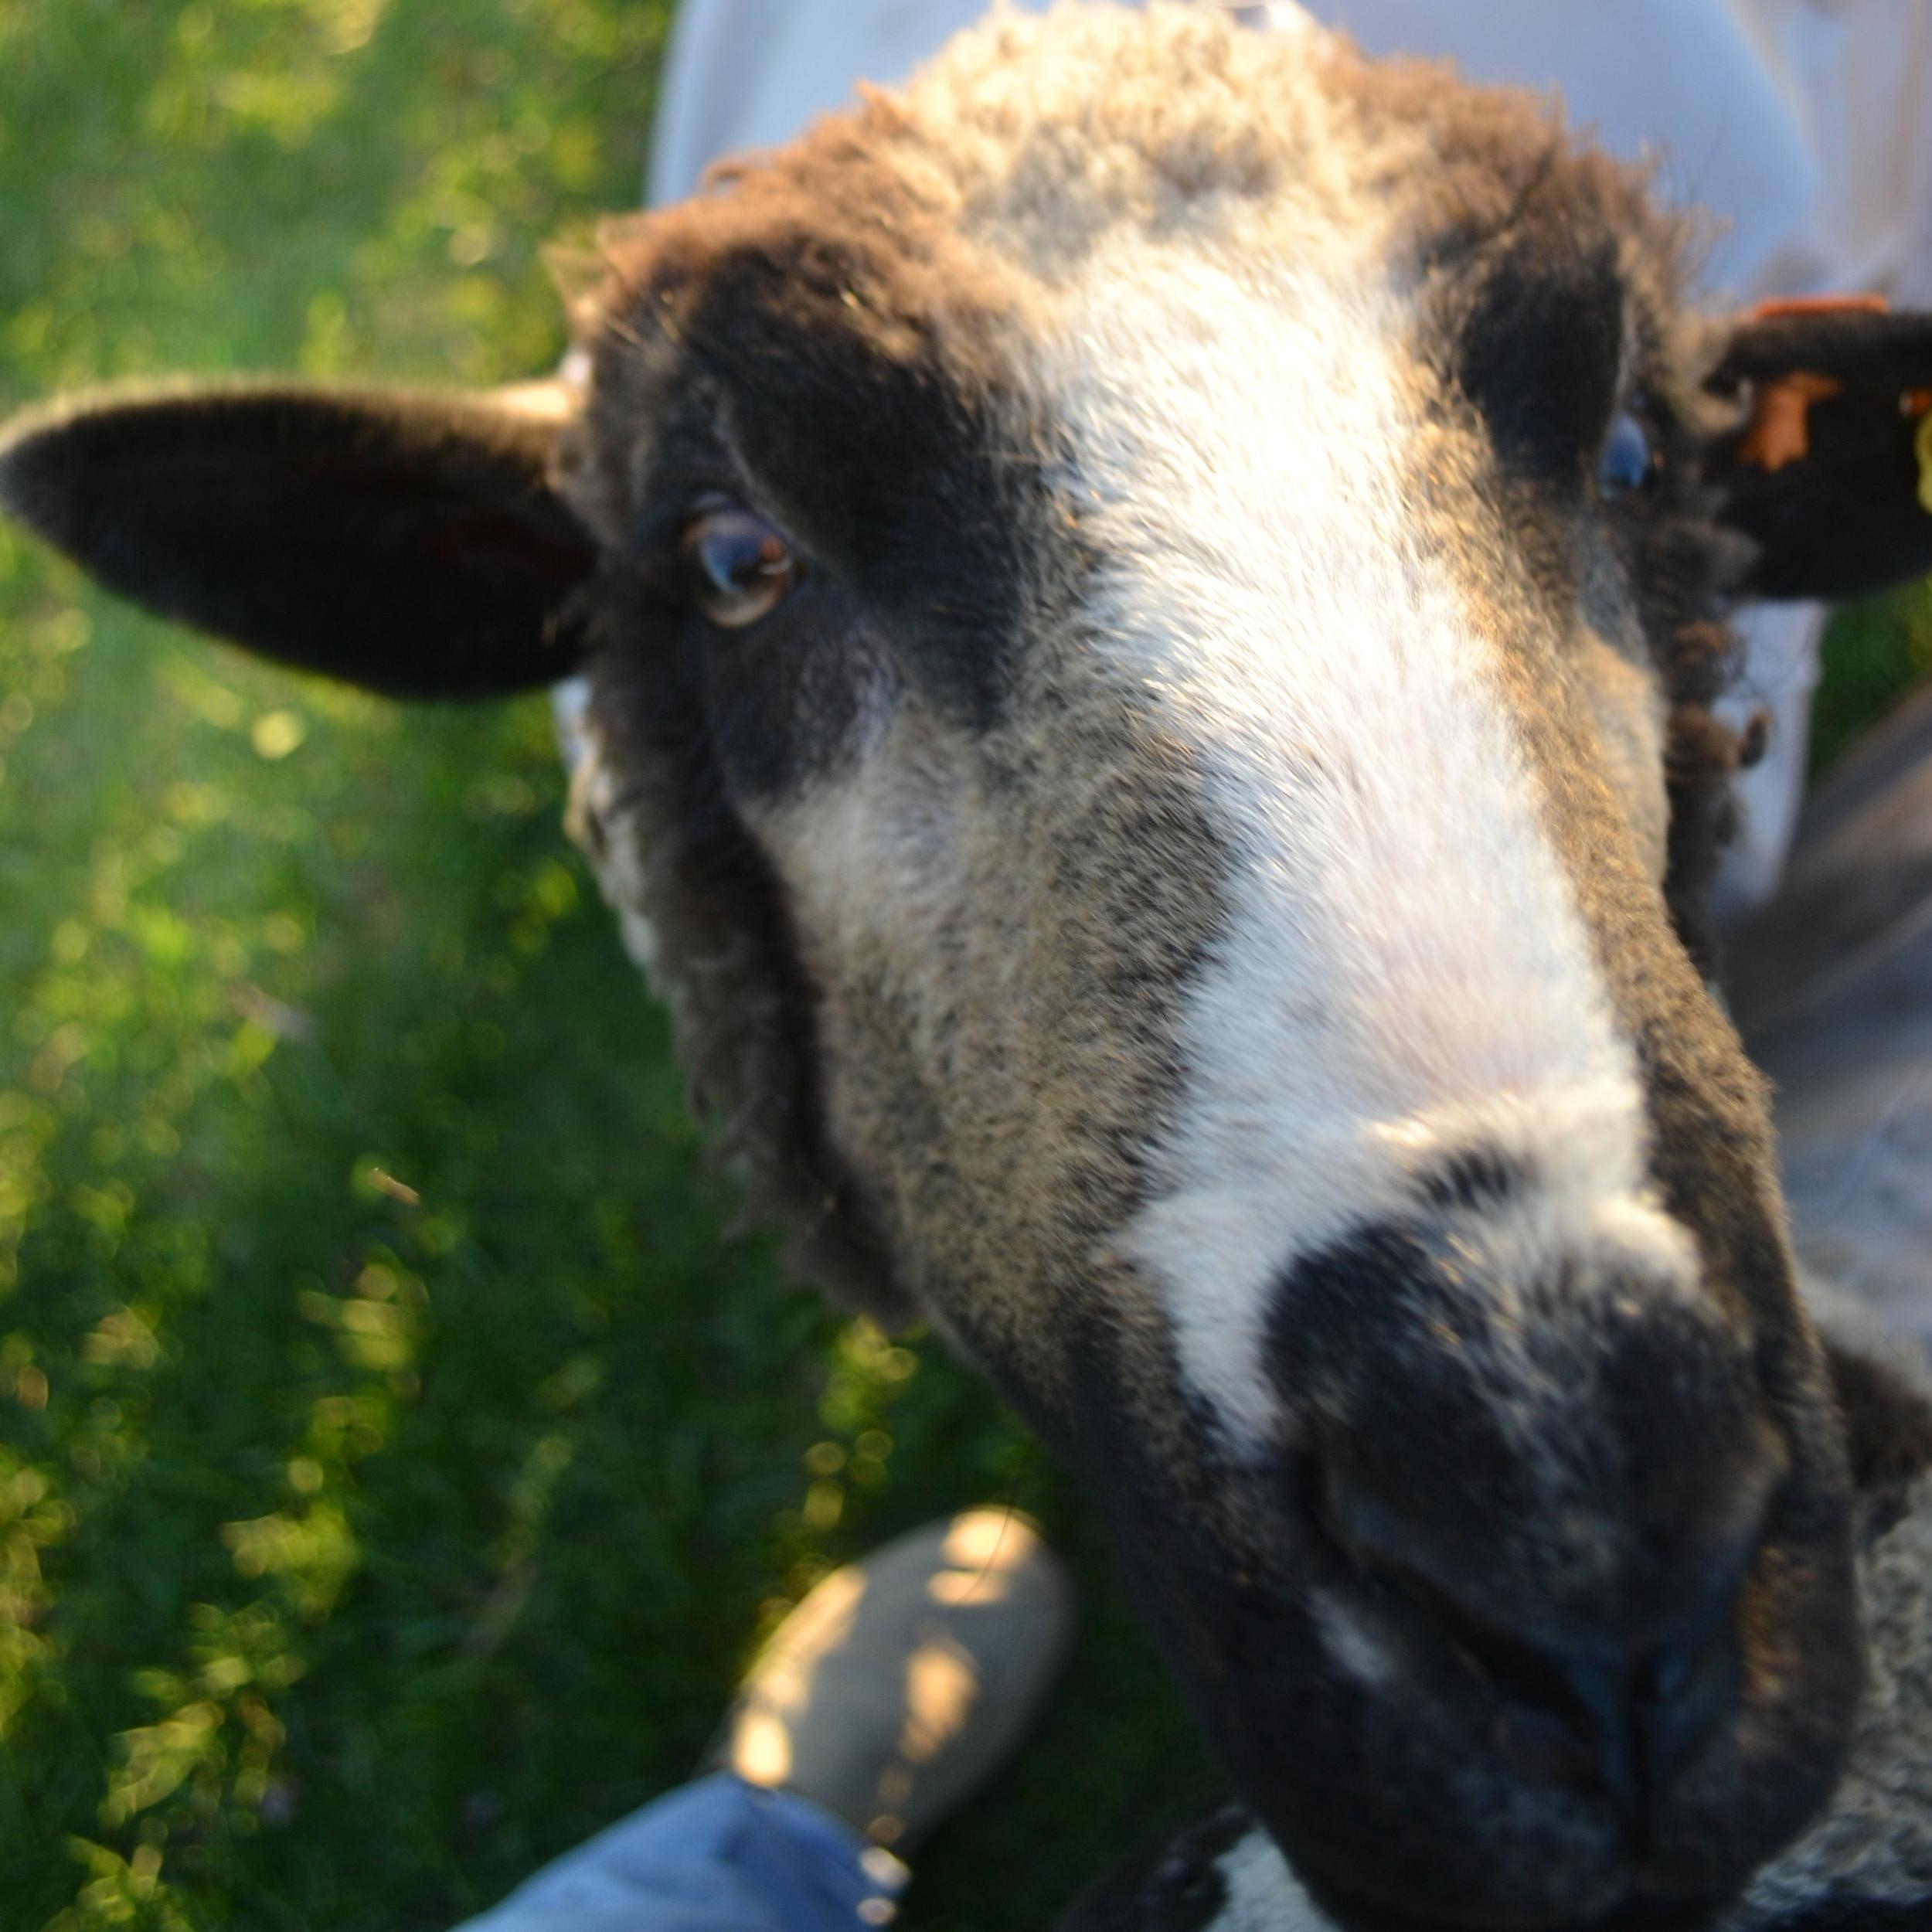 Romeldale & CVM - Natural Color, Fine Soft Wool, Endangered